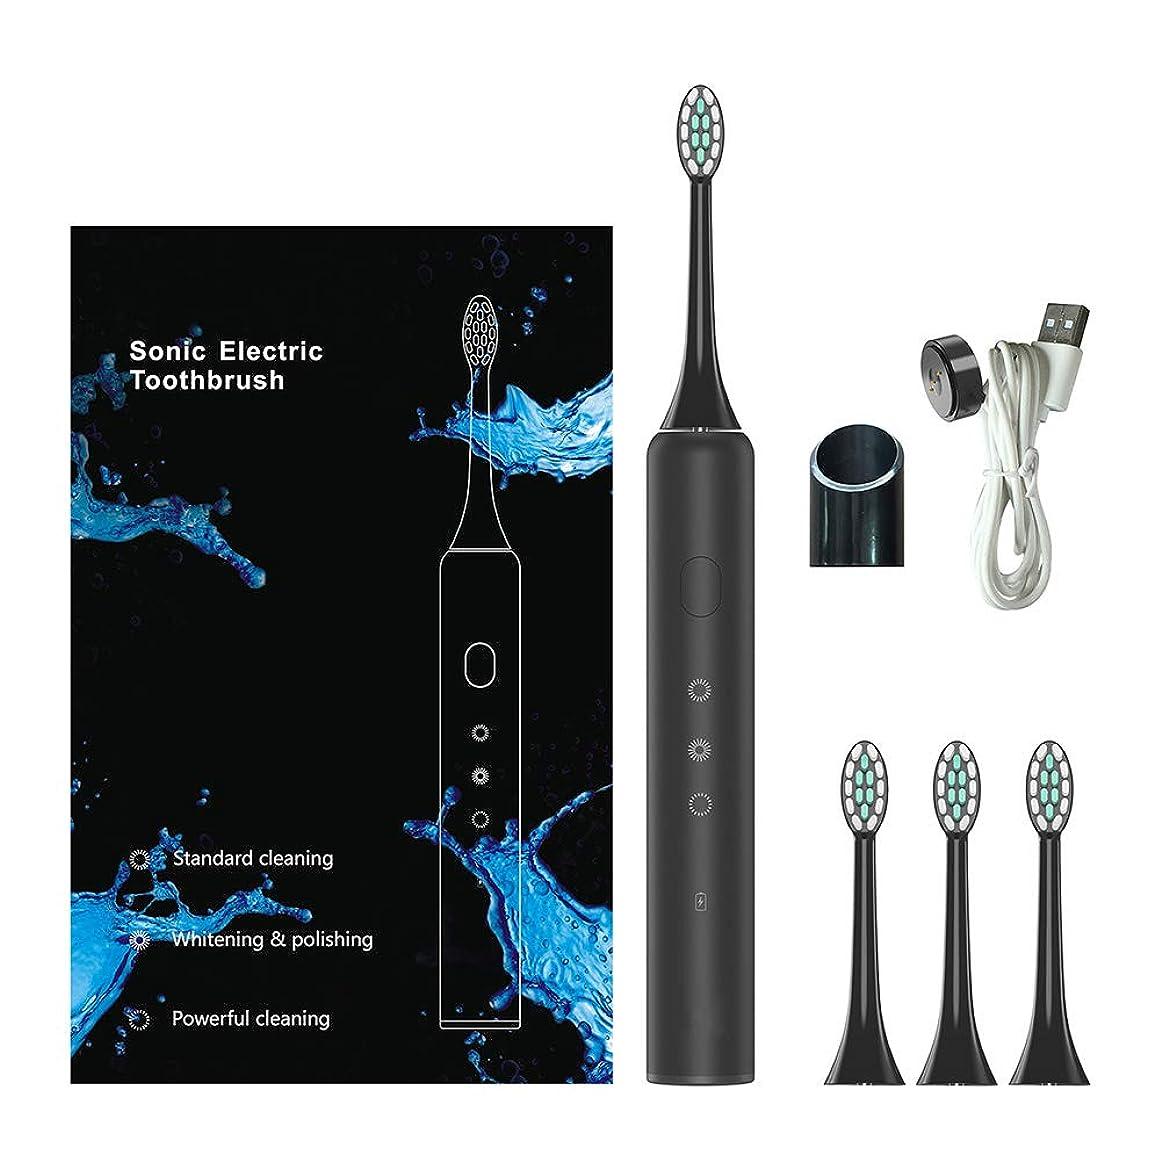 酔って急ぐオプショナルソニック電動歯ブラシ、電動歯ブラシ、充電式歯ブラシ磁気誘導充電防水3つのブラッシングモード